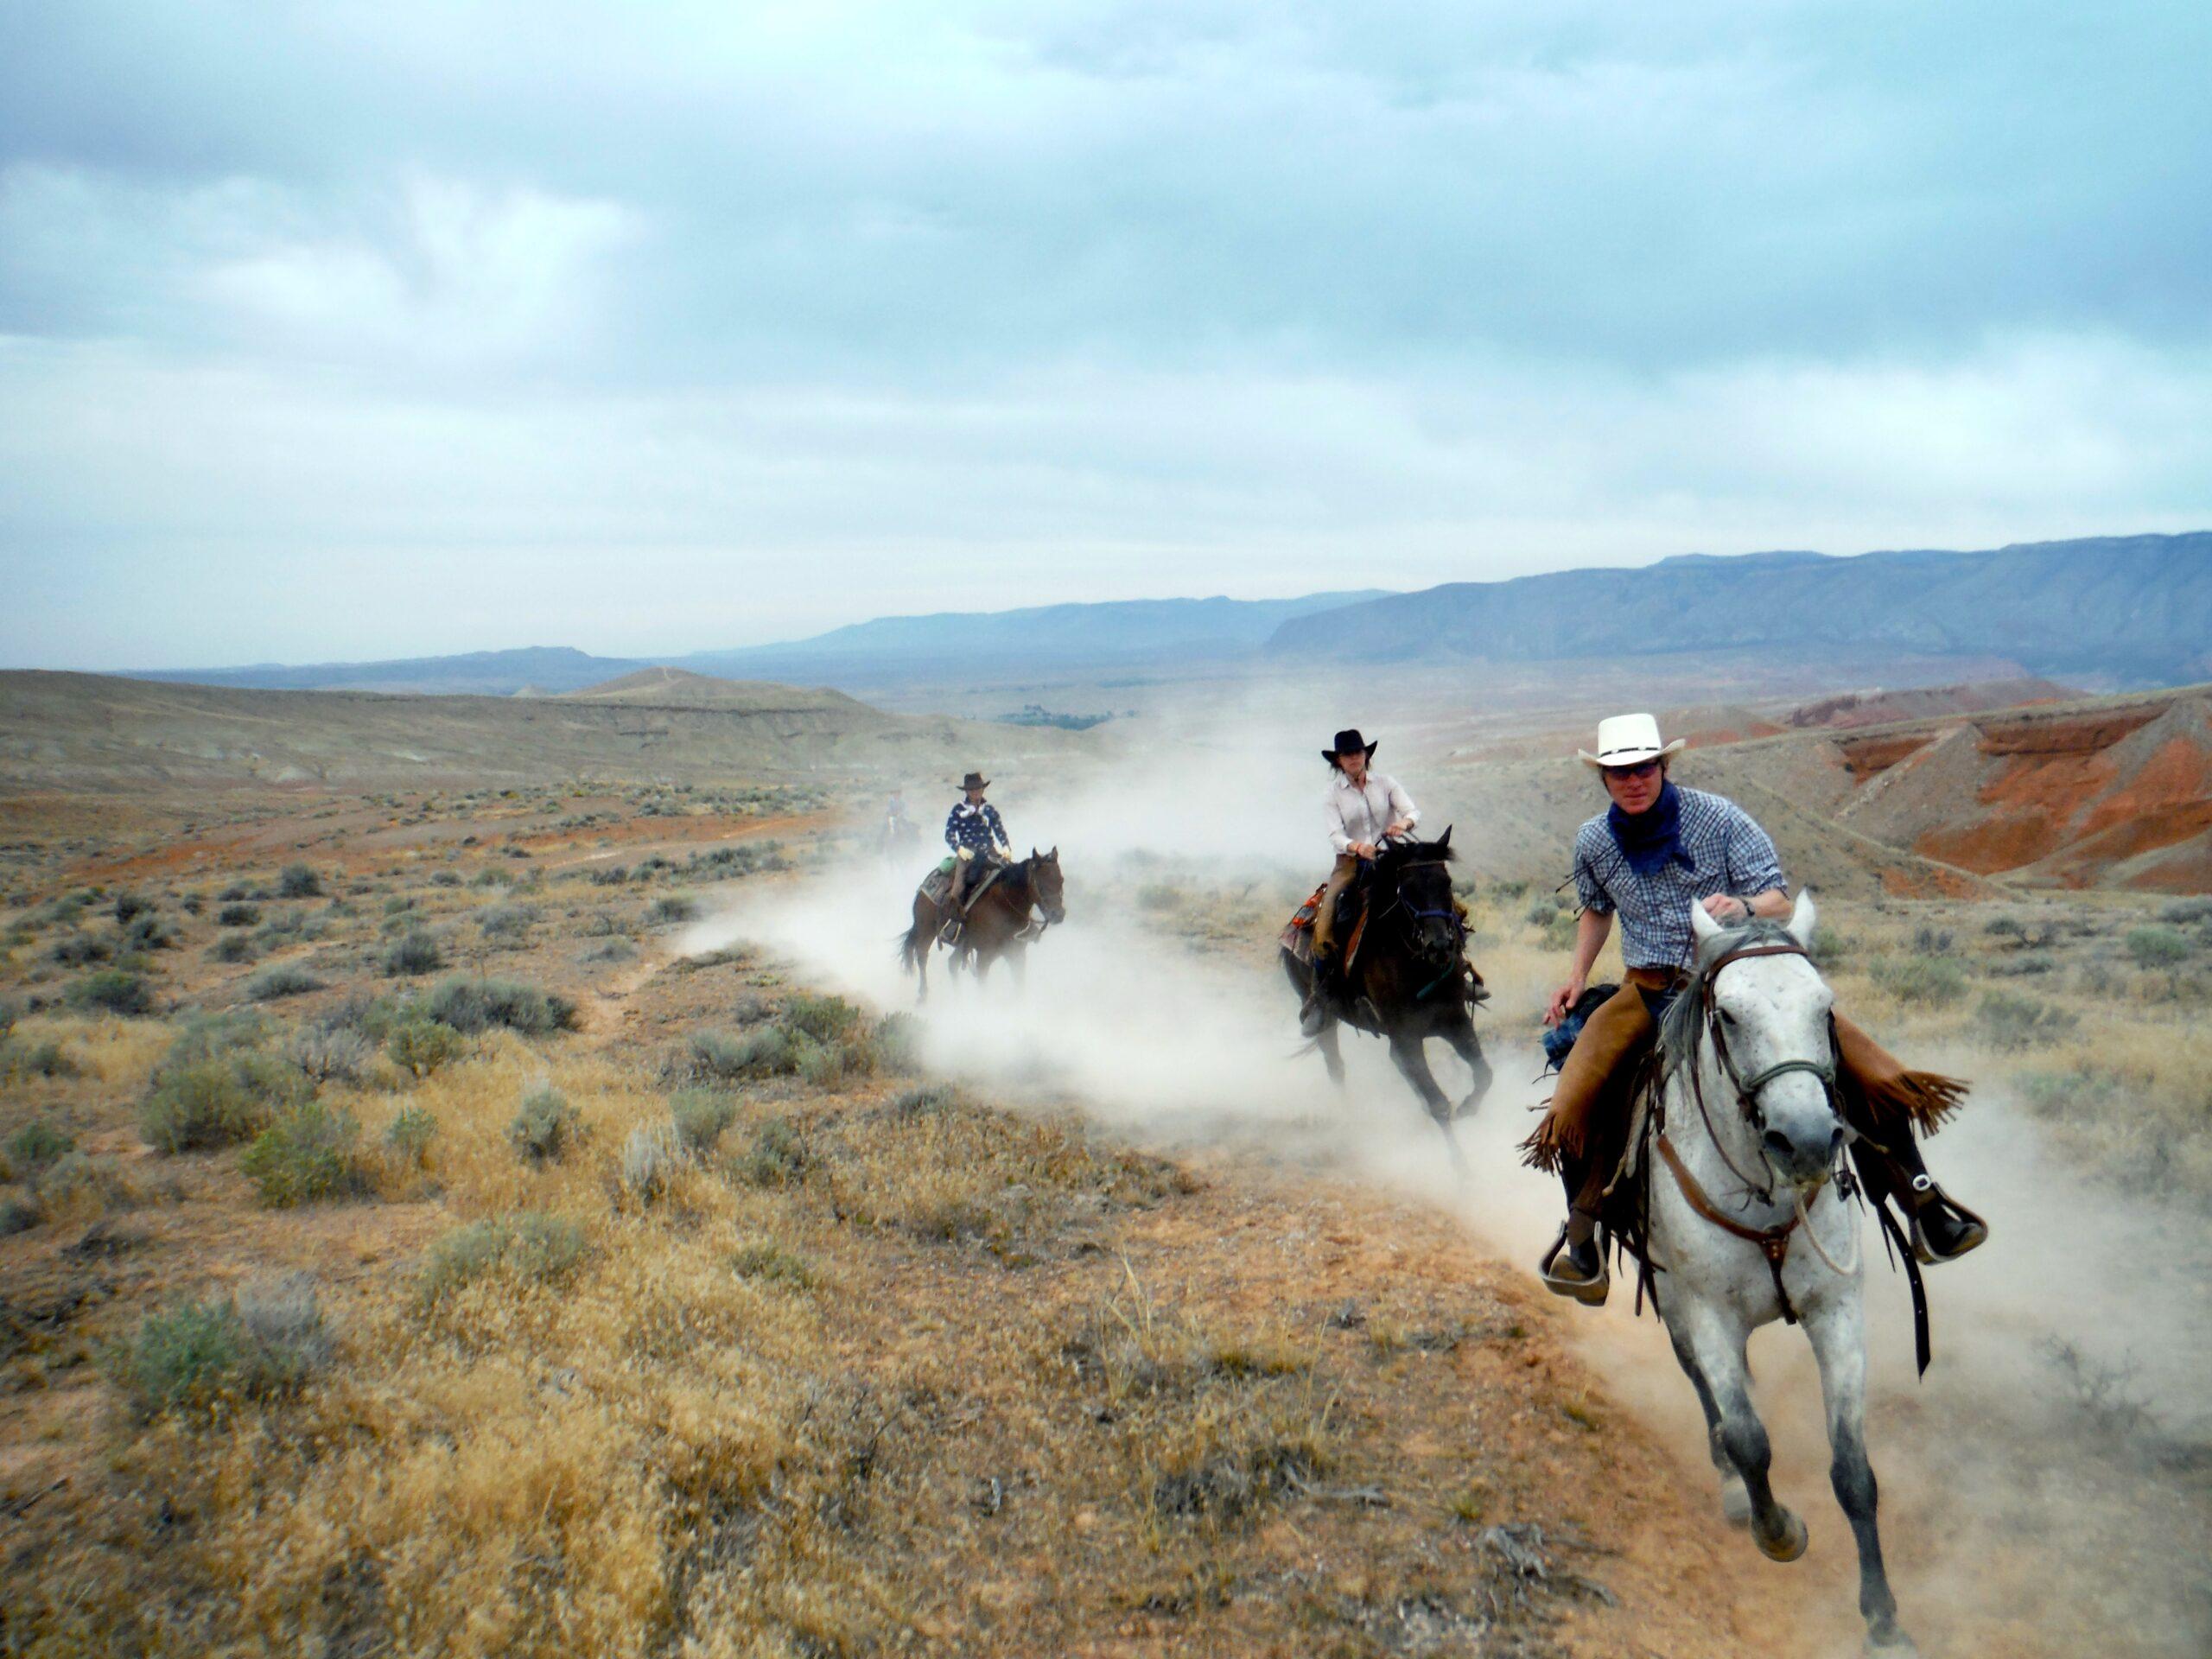 Ranchvakantie in Wyoming / Verenigde Staten - Vakantie te paard / Reisbureau Perlan